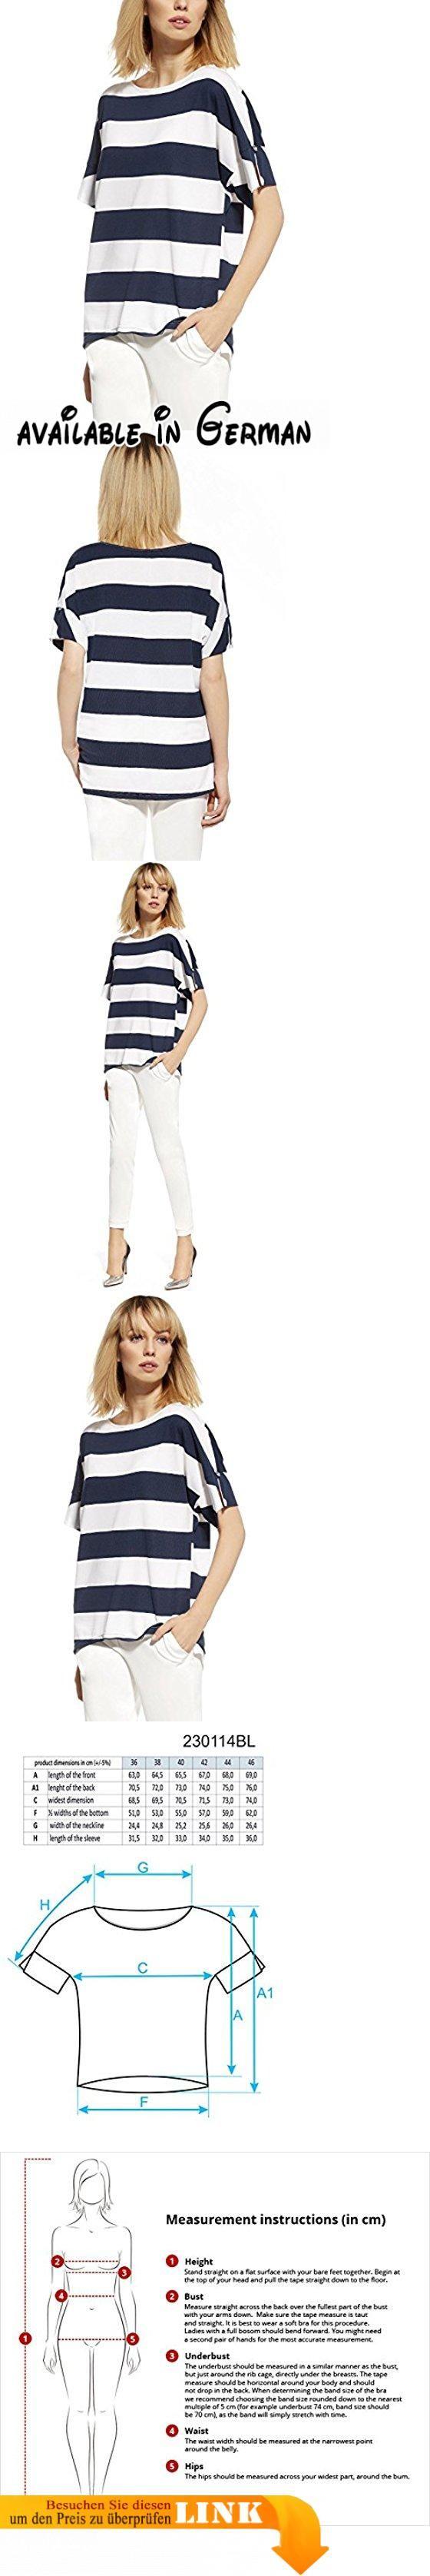 Ennywear 230114 Bluse Damen Gestreift U-Boot Kurzarm Lose Oversize EU, dunkelblau-weiß,44. Schicke, bequeme Bluse mit Streifen, elastisch. Toller Vorschlag für die Arbeit oder den Alltag. Mit U-Boot-Ausschnit und kurzem Arm. Lässt sich mit Röhrenjeans und High-Heels sehr gut kombinieren. Perfekte Passform, hervorragende Verarbeitung, schönes Design #Apparel #SHIRT